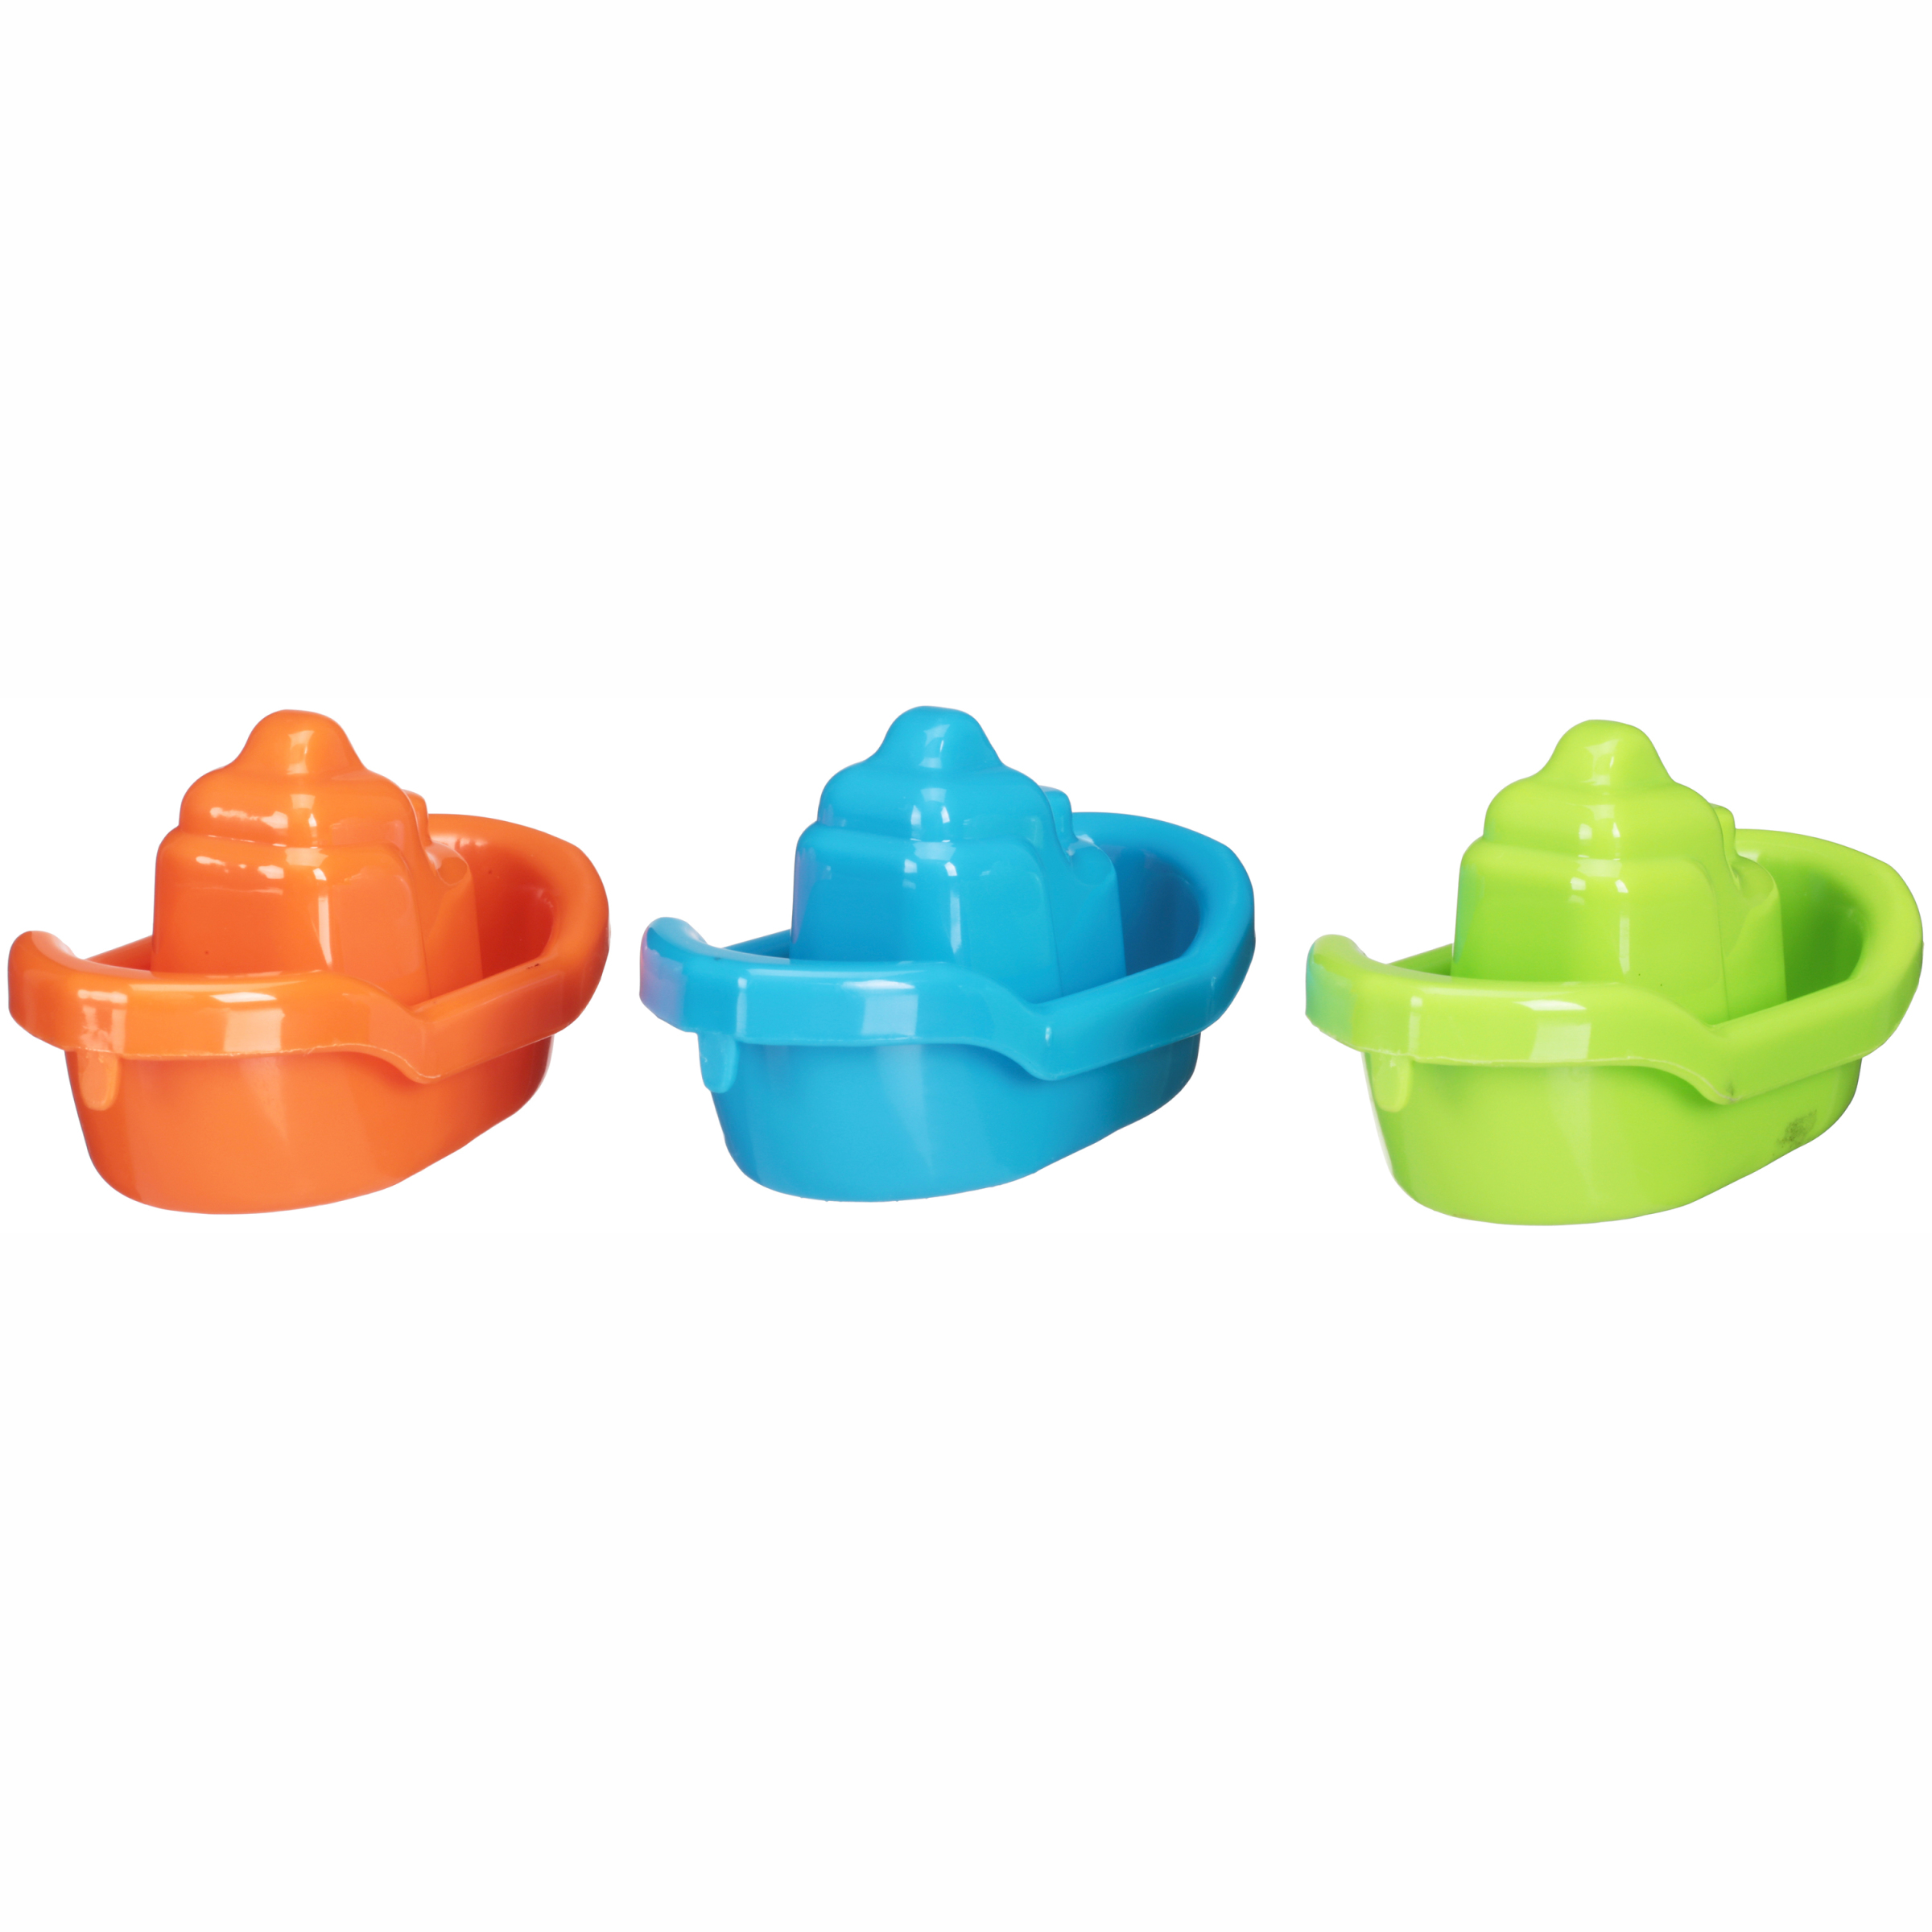 ALEX Toys Bath 3 Boats in the Tub by ALEX Toys